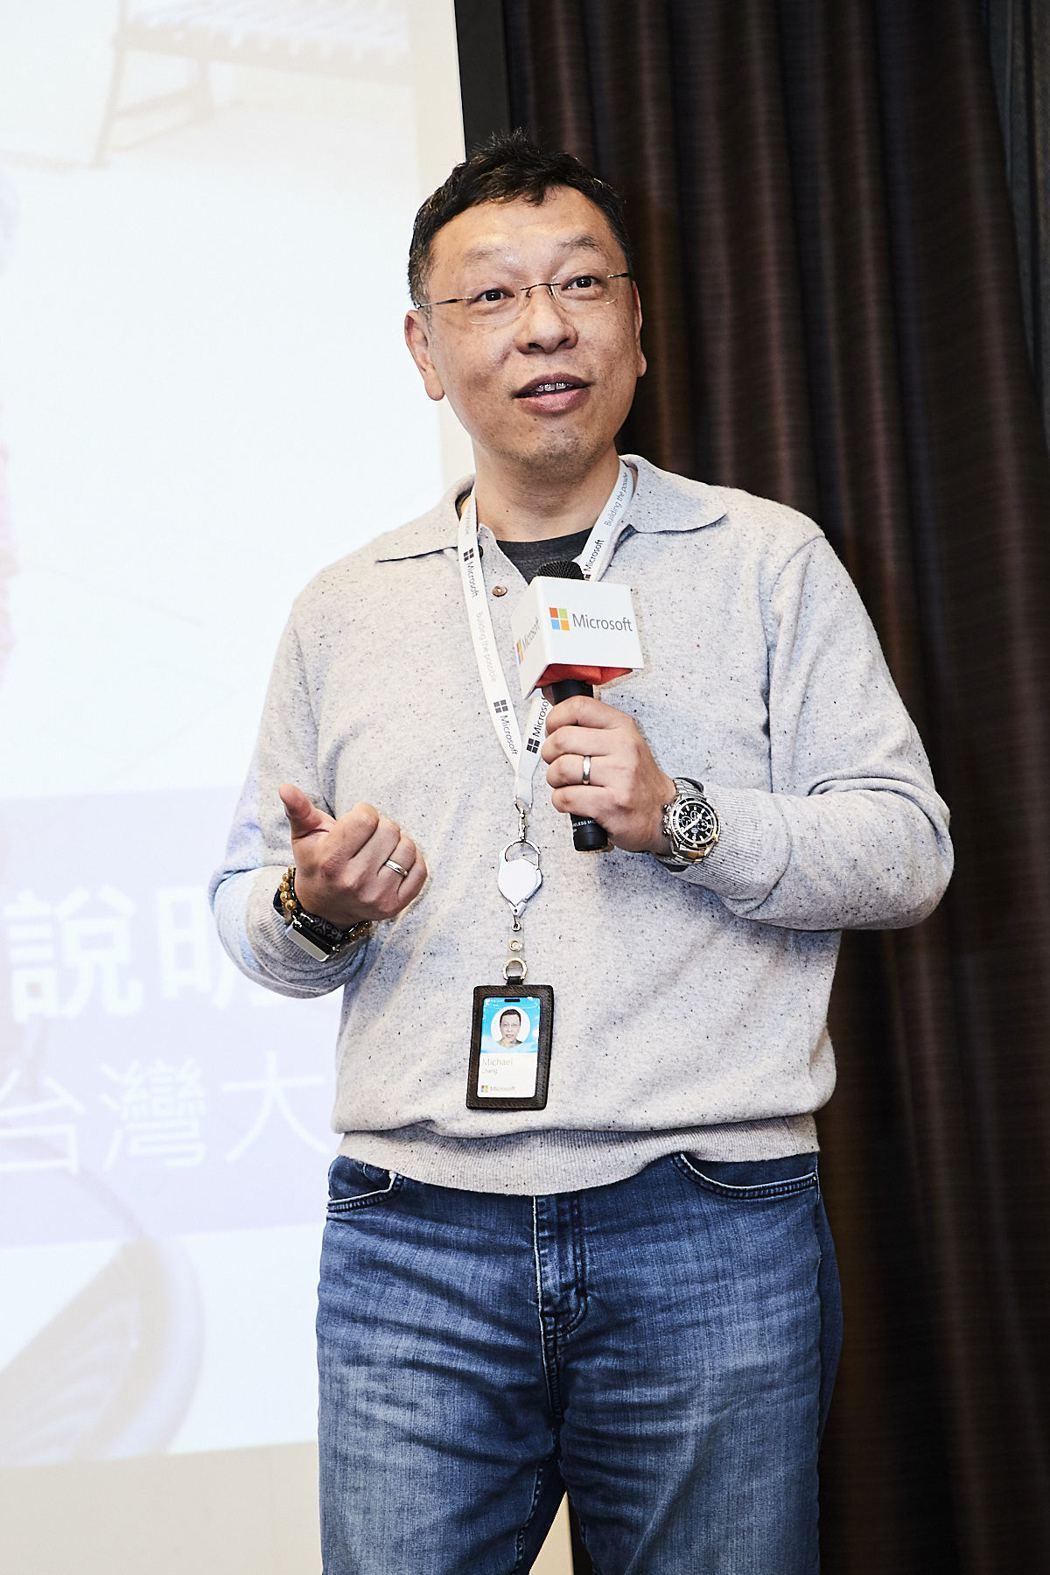 微軟台灣AI研發中心執行長張仁炯表示,微軟看中台灣優秀的軟體人才,認為除數據分析...